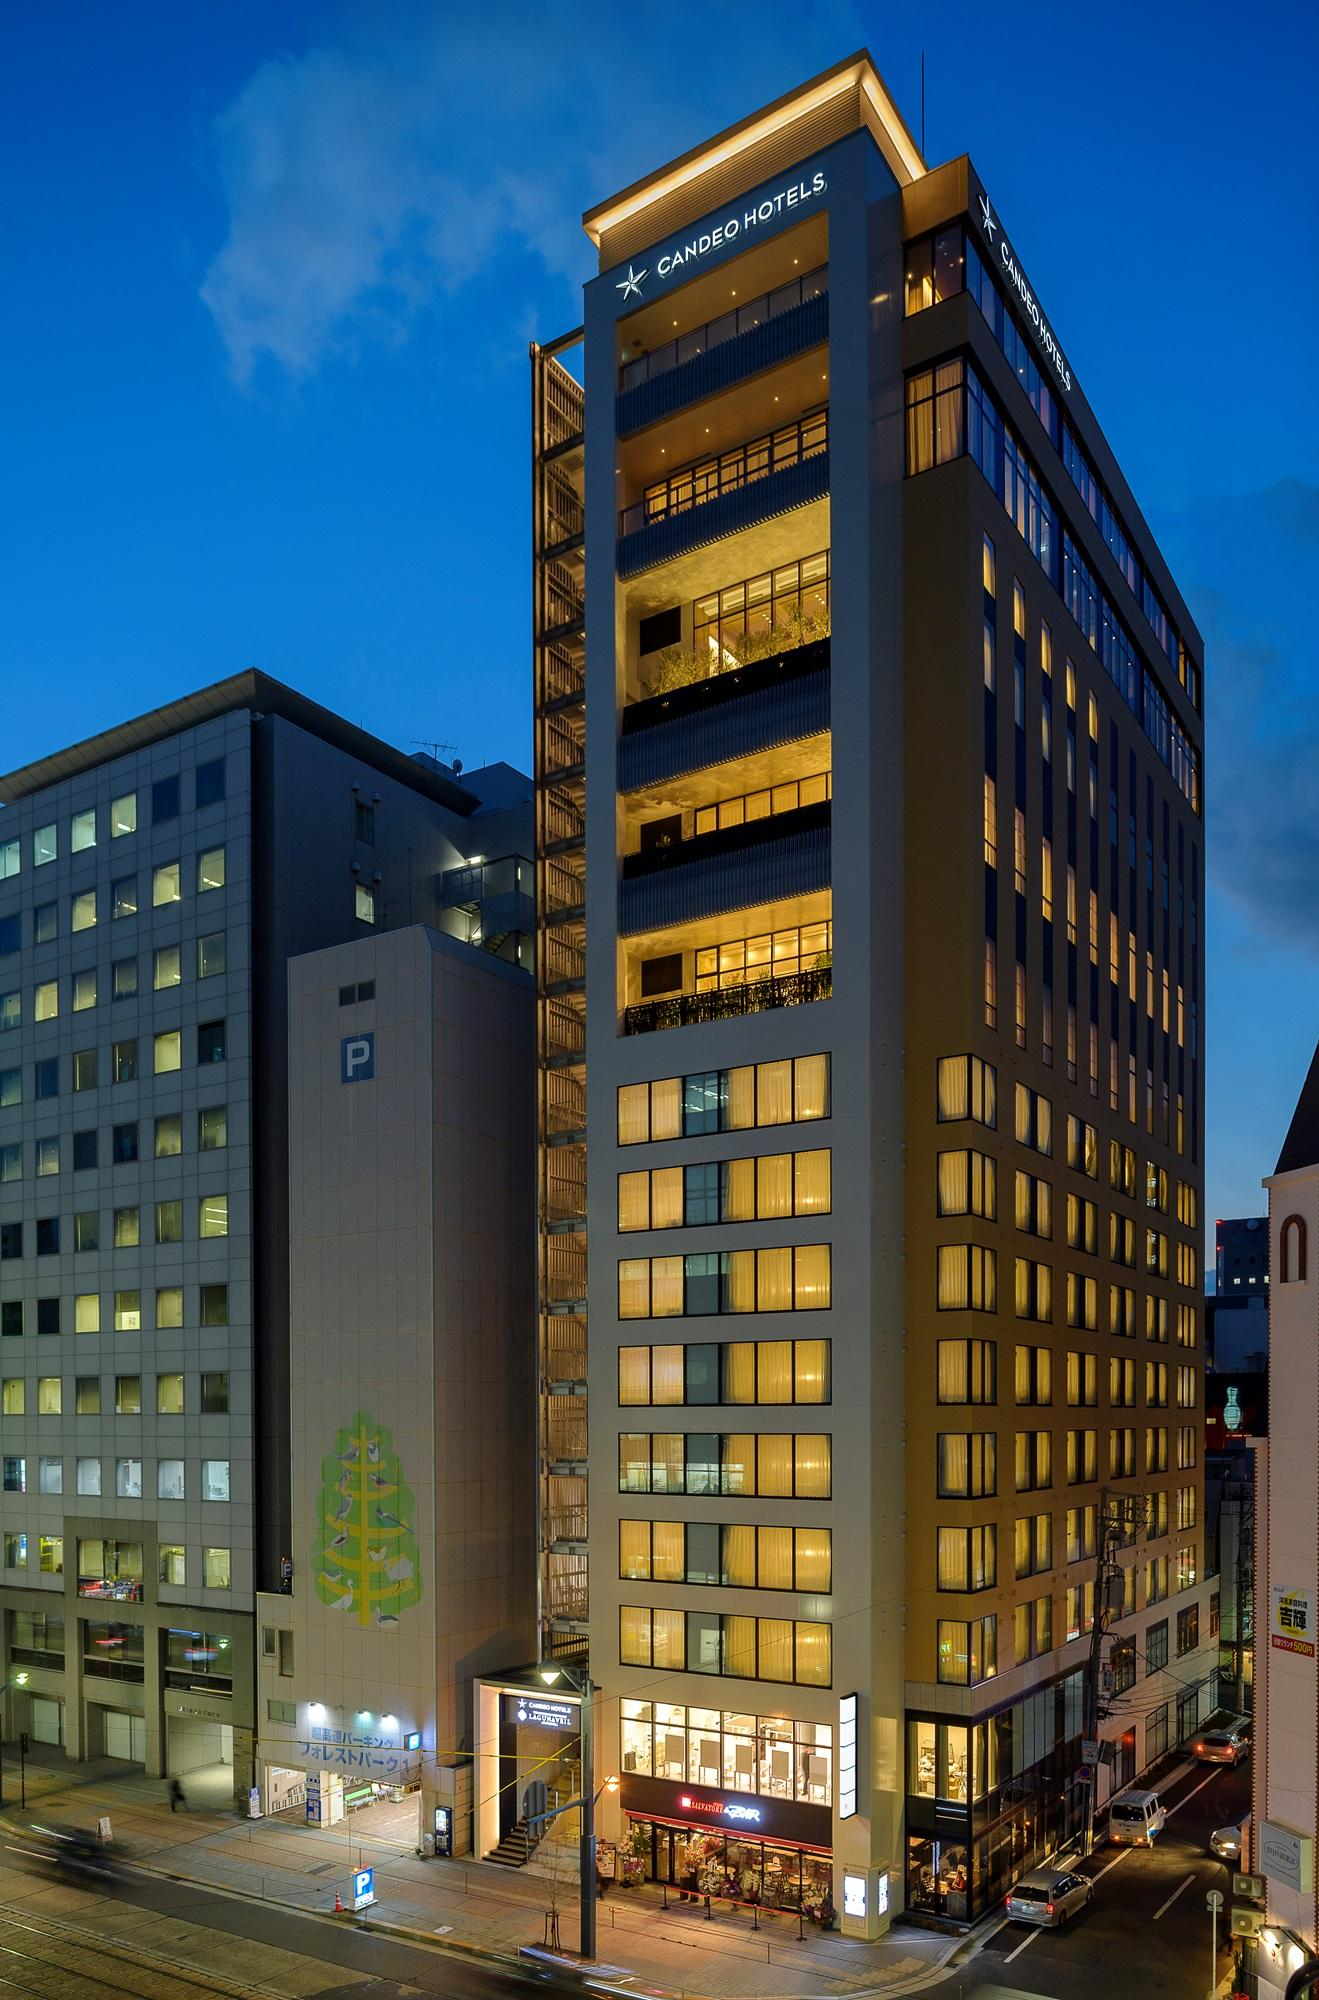 デオ ホテルズ 六本木 カン 東京